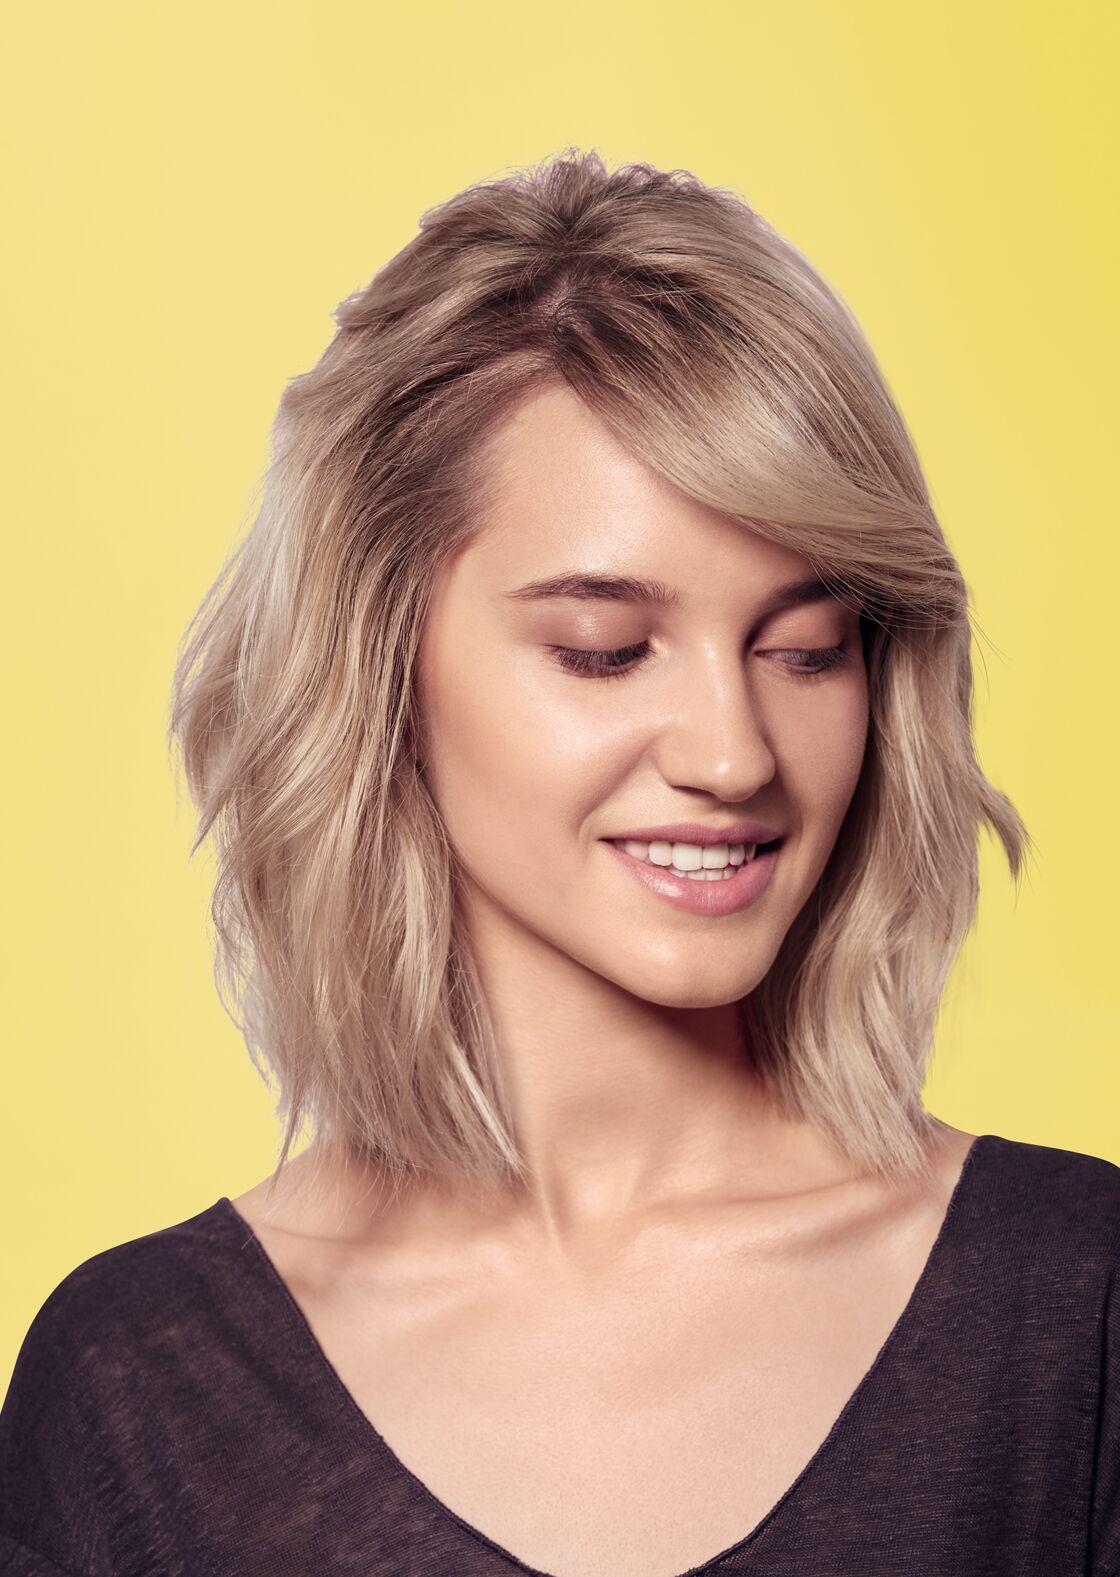 3 Coupes De Cheveux Modernes Qui Seront Tendance En 2021 Femme Actuelle Le Mag